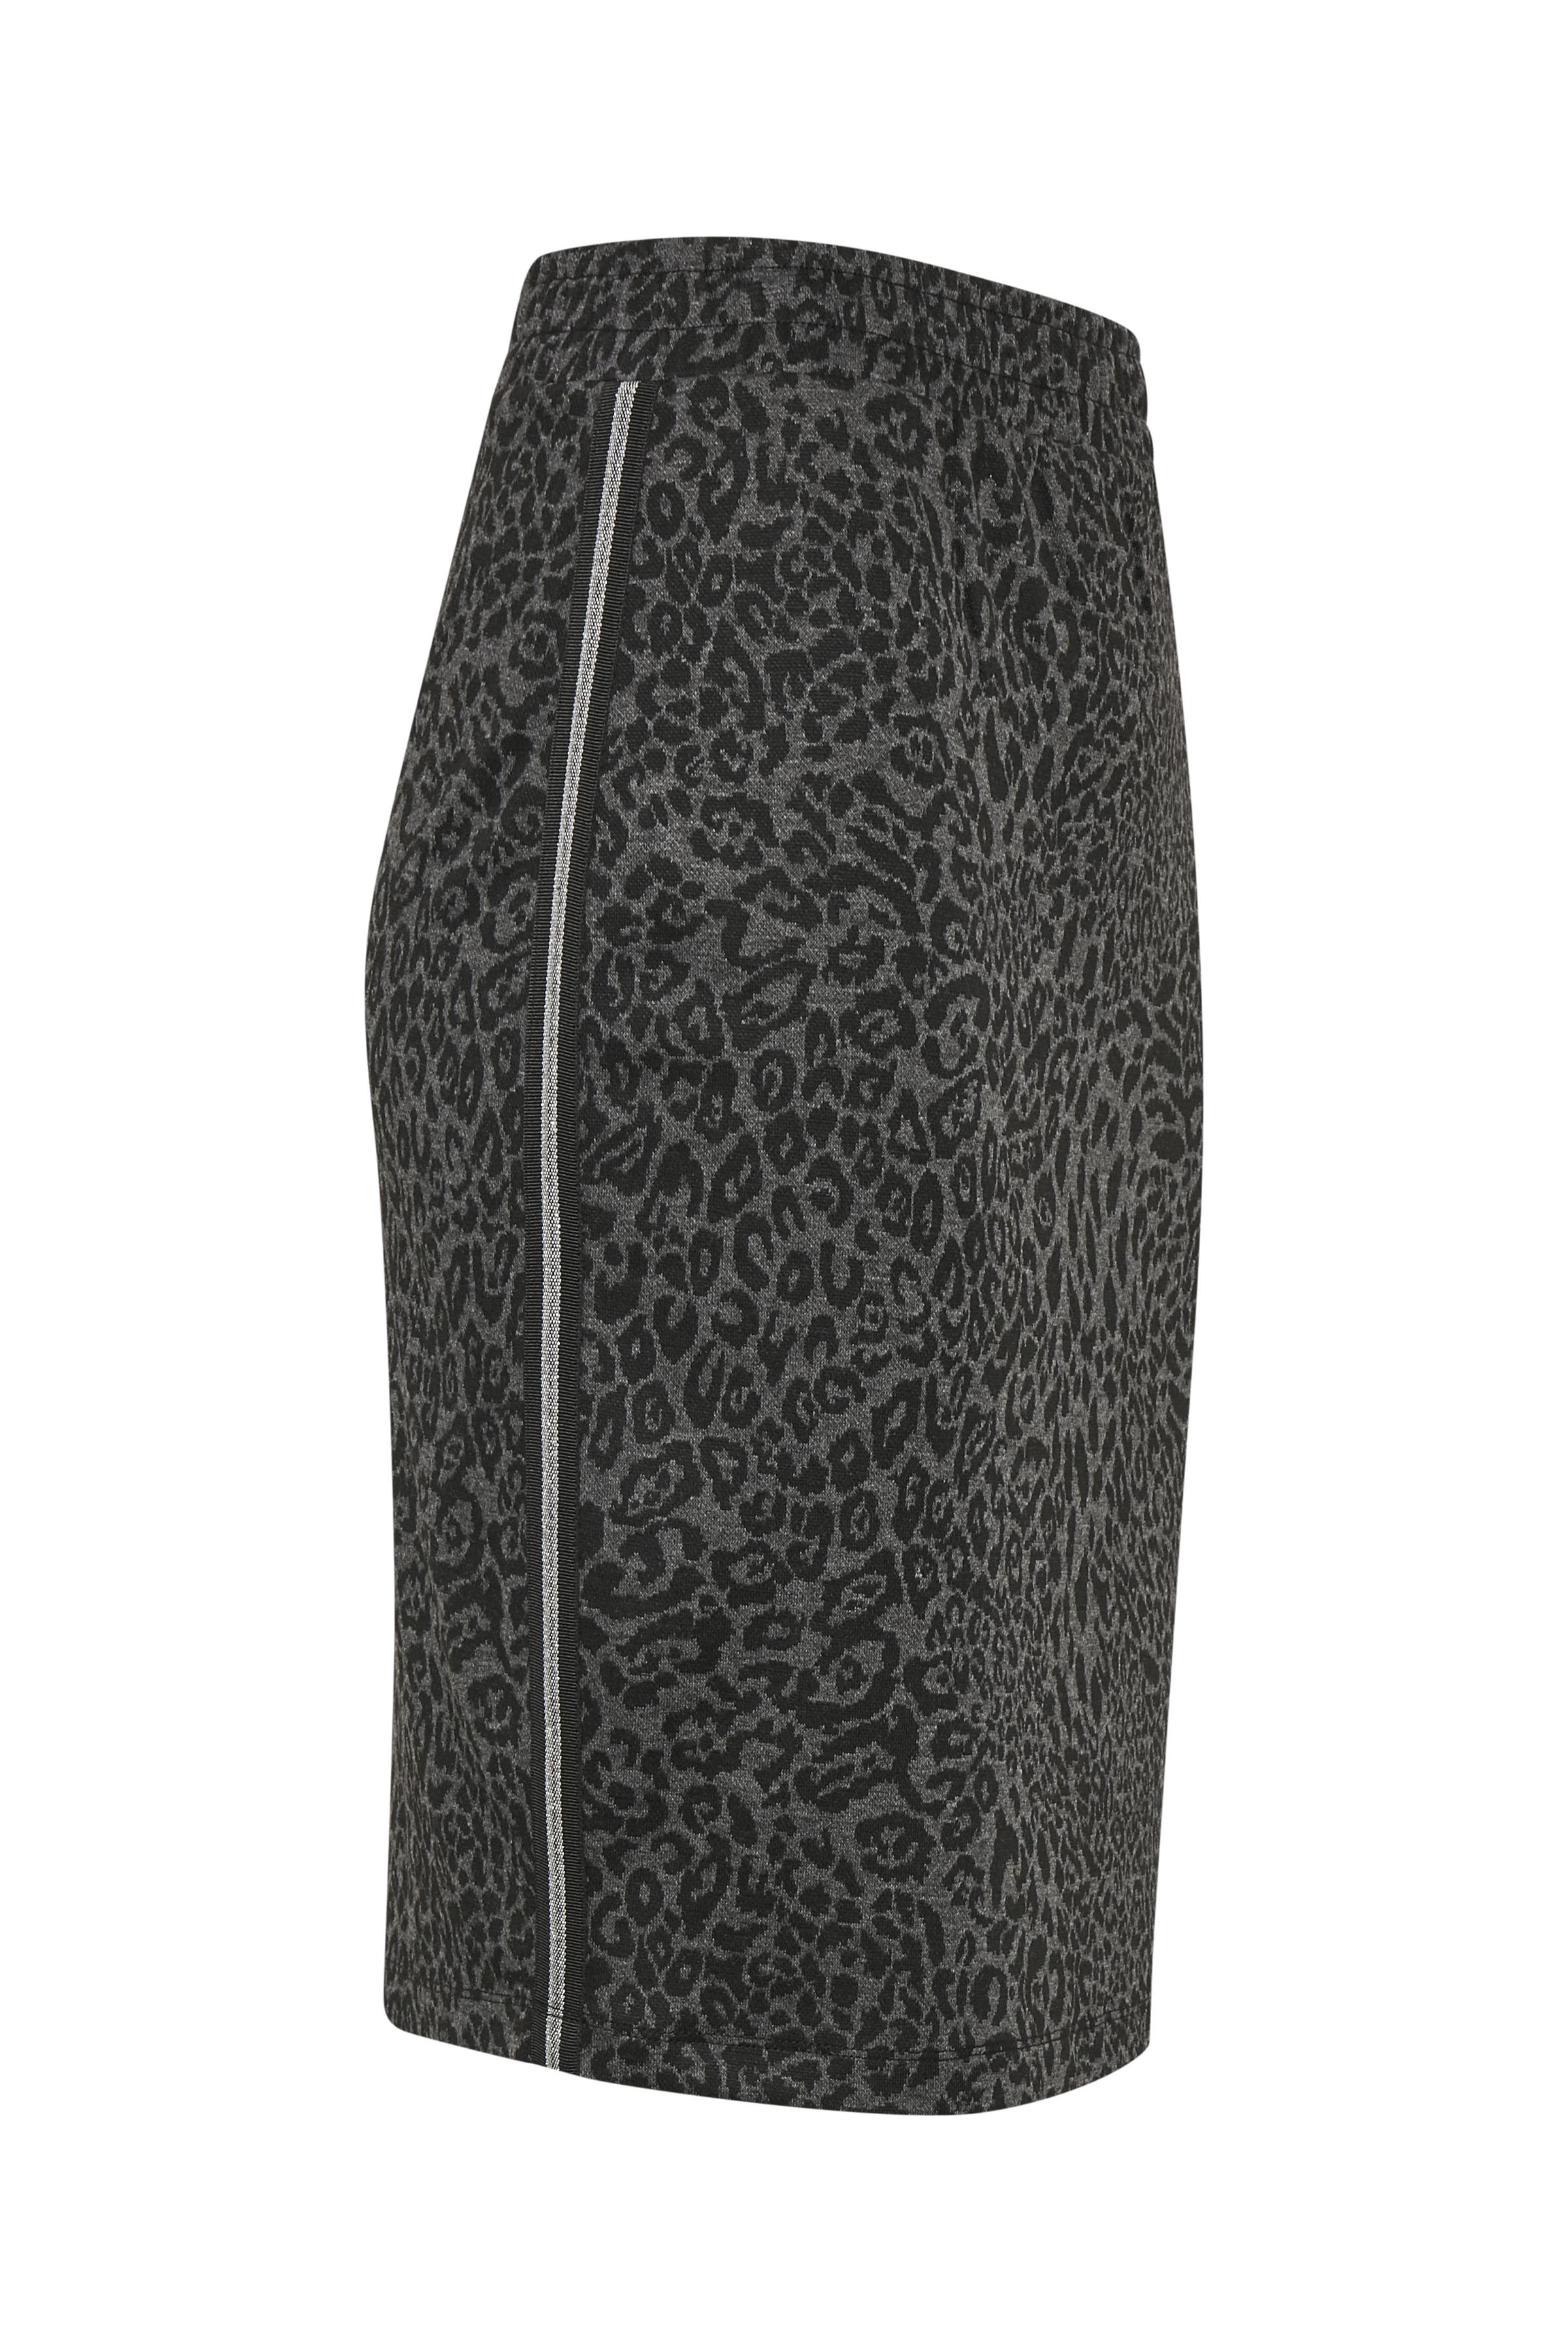 Svart/grå Kjol från Bon'A Parte – Köp Svart/grå Kjol från stl. S-2XL här